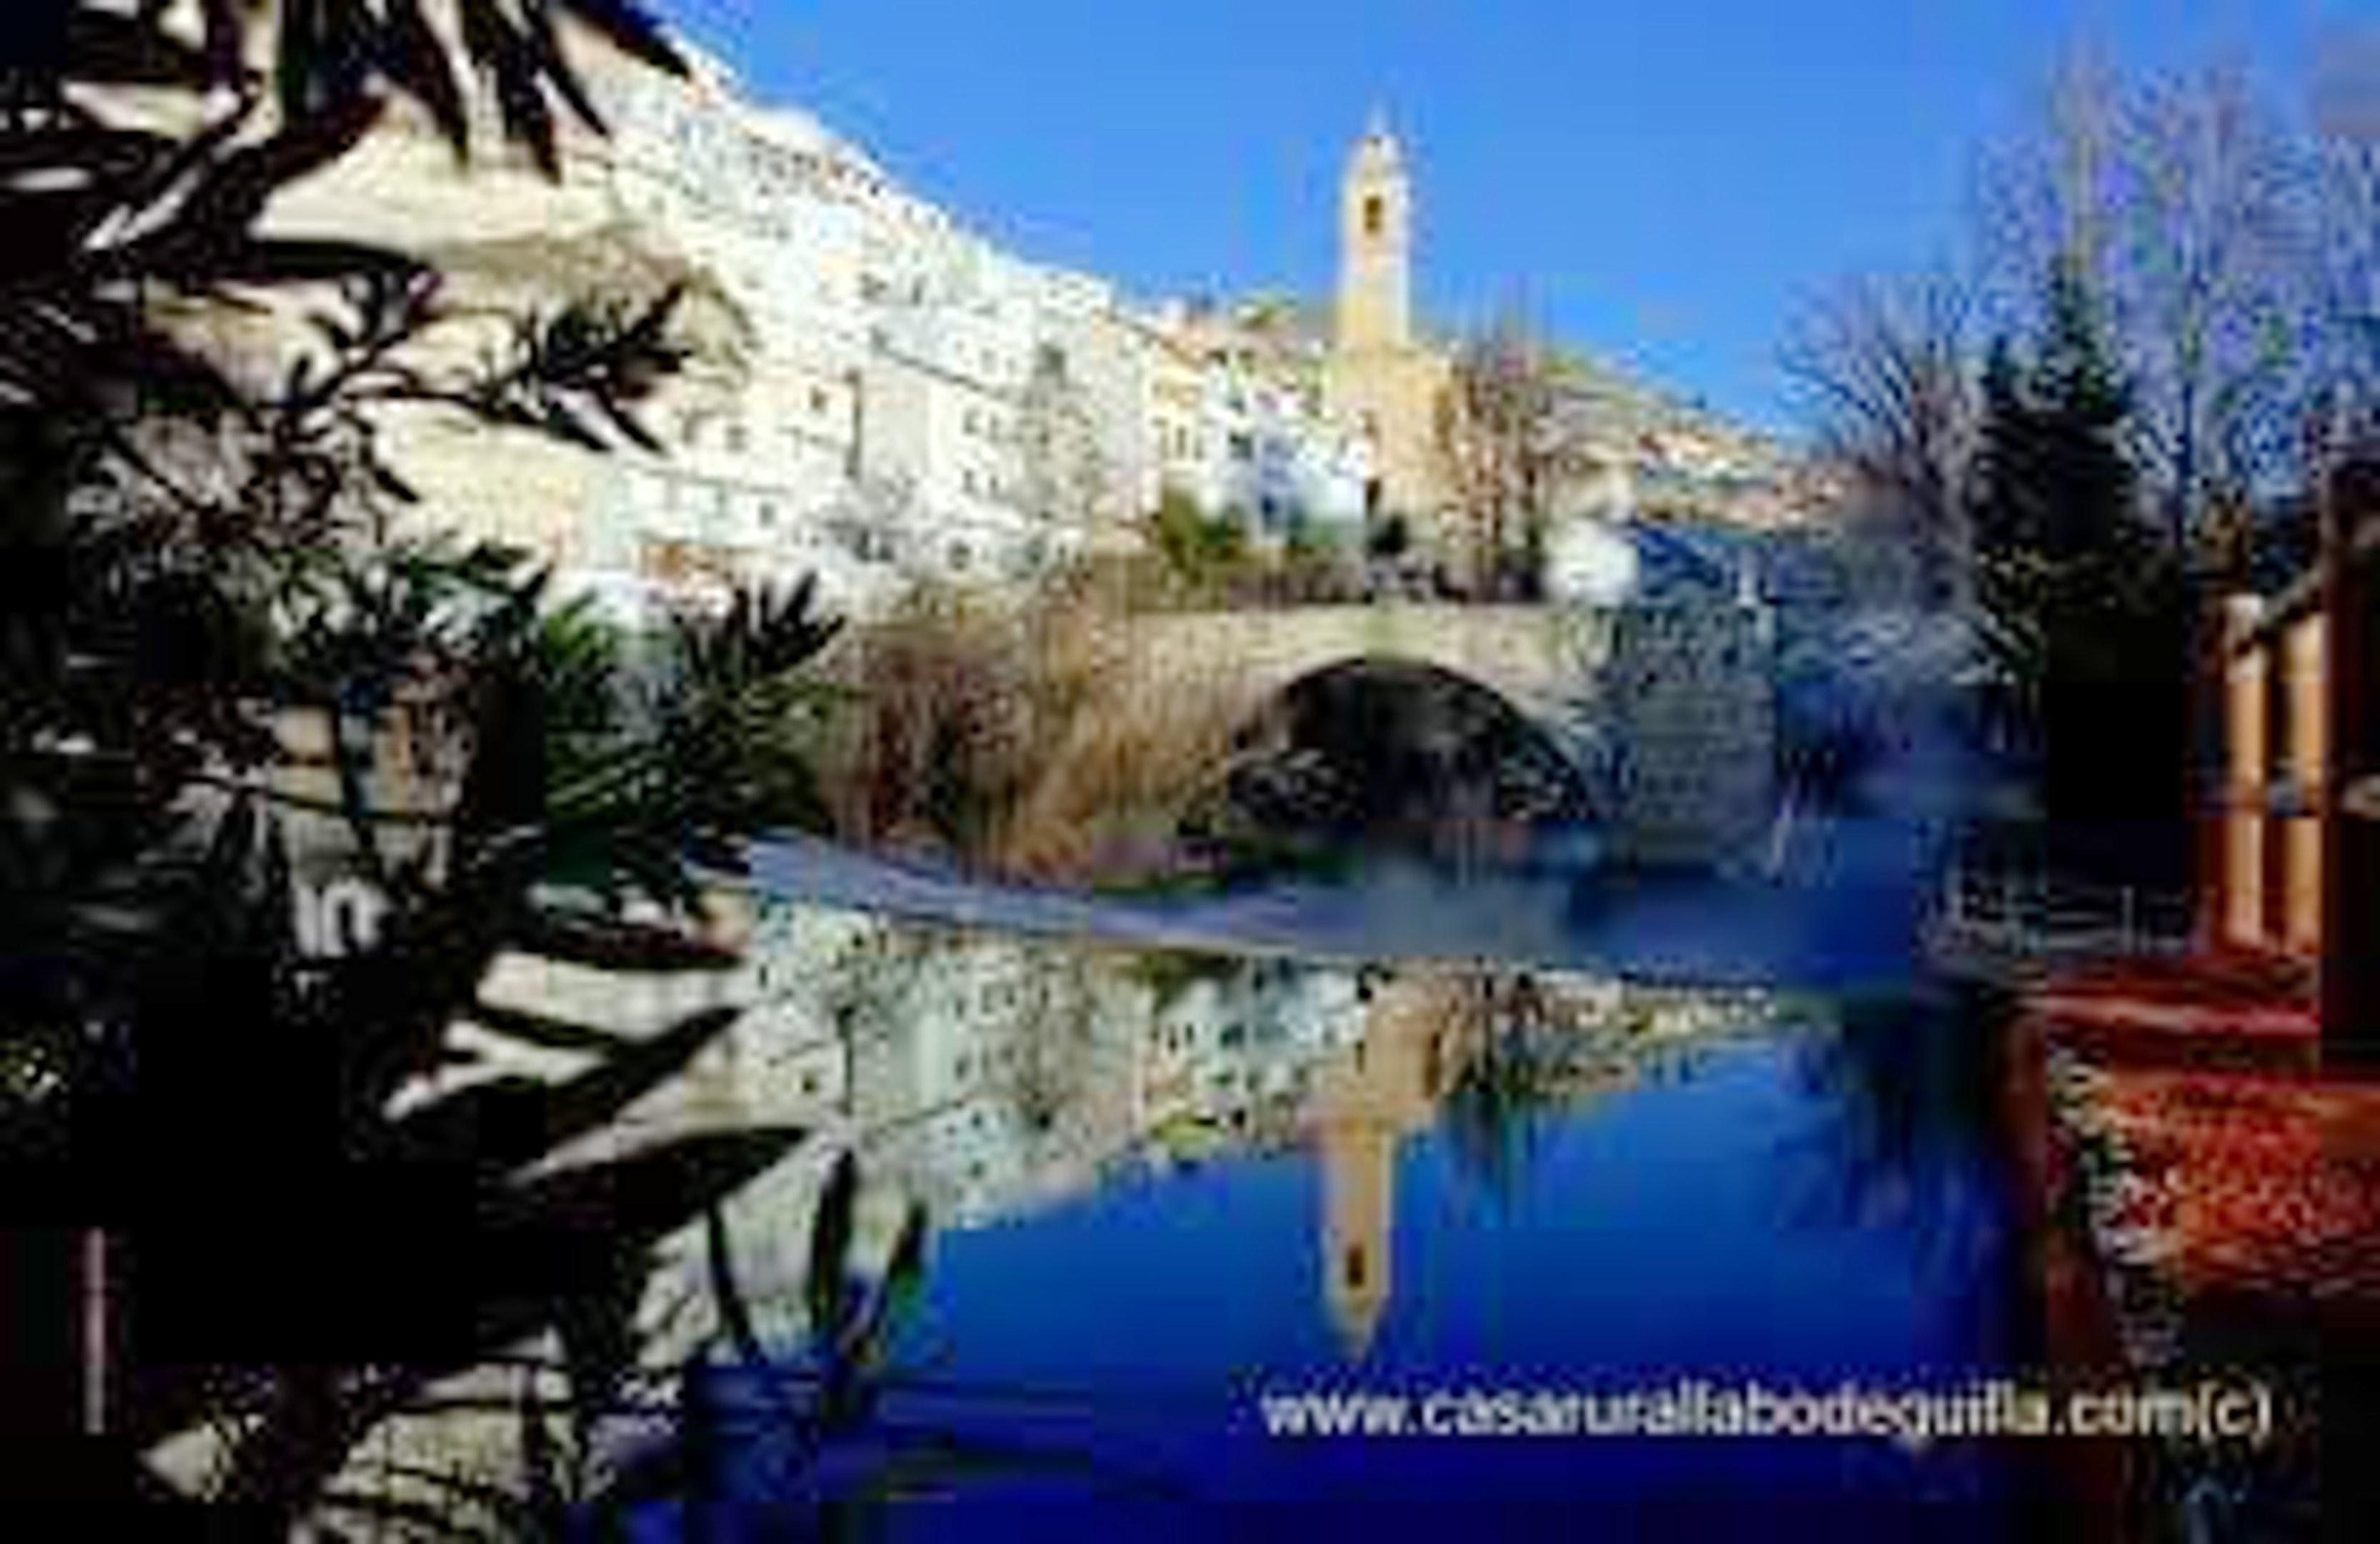 Ferienhaus Haus mit 5 Schlafzimmern in Casas del Cerro mit toller Aussicht auf die Berge und möbliert (2201517), Casas del Cerro, Albacete, Kastilien-La Mancha, Spanien, Bild 35